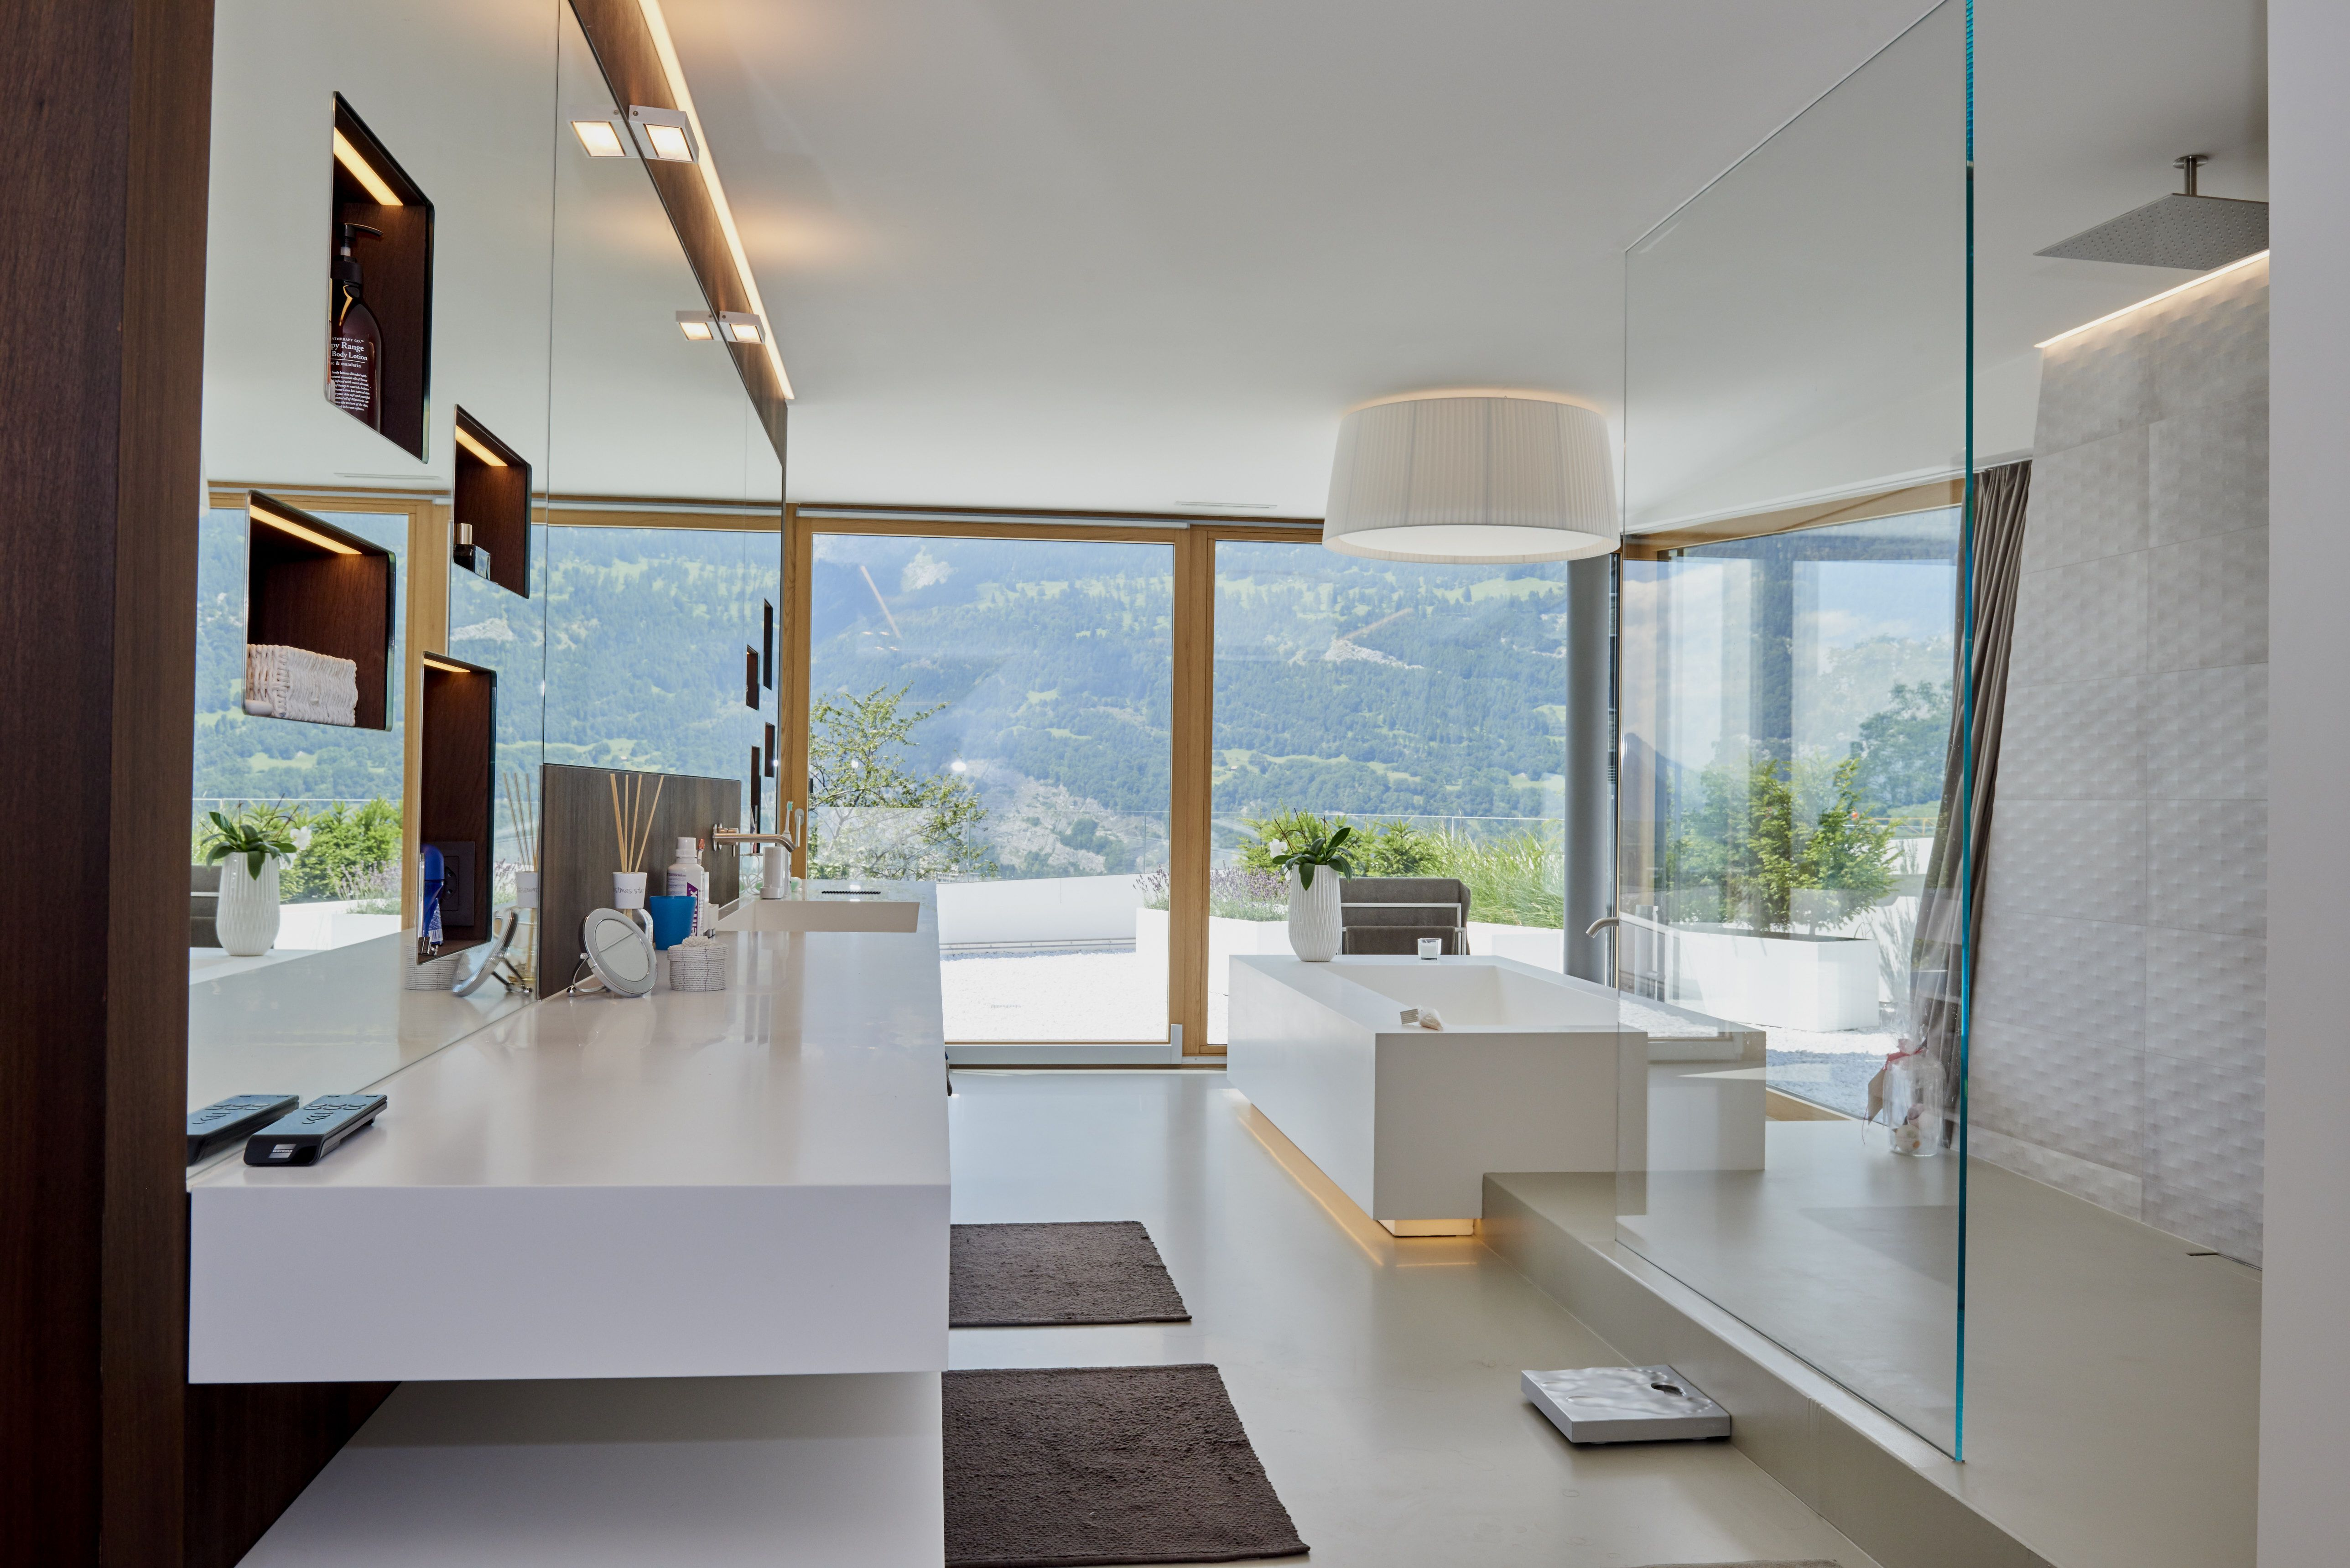 Sensoboden Im Bad In 2020 Haus Deko Haus Zimmer